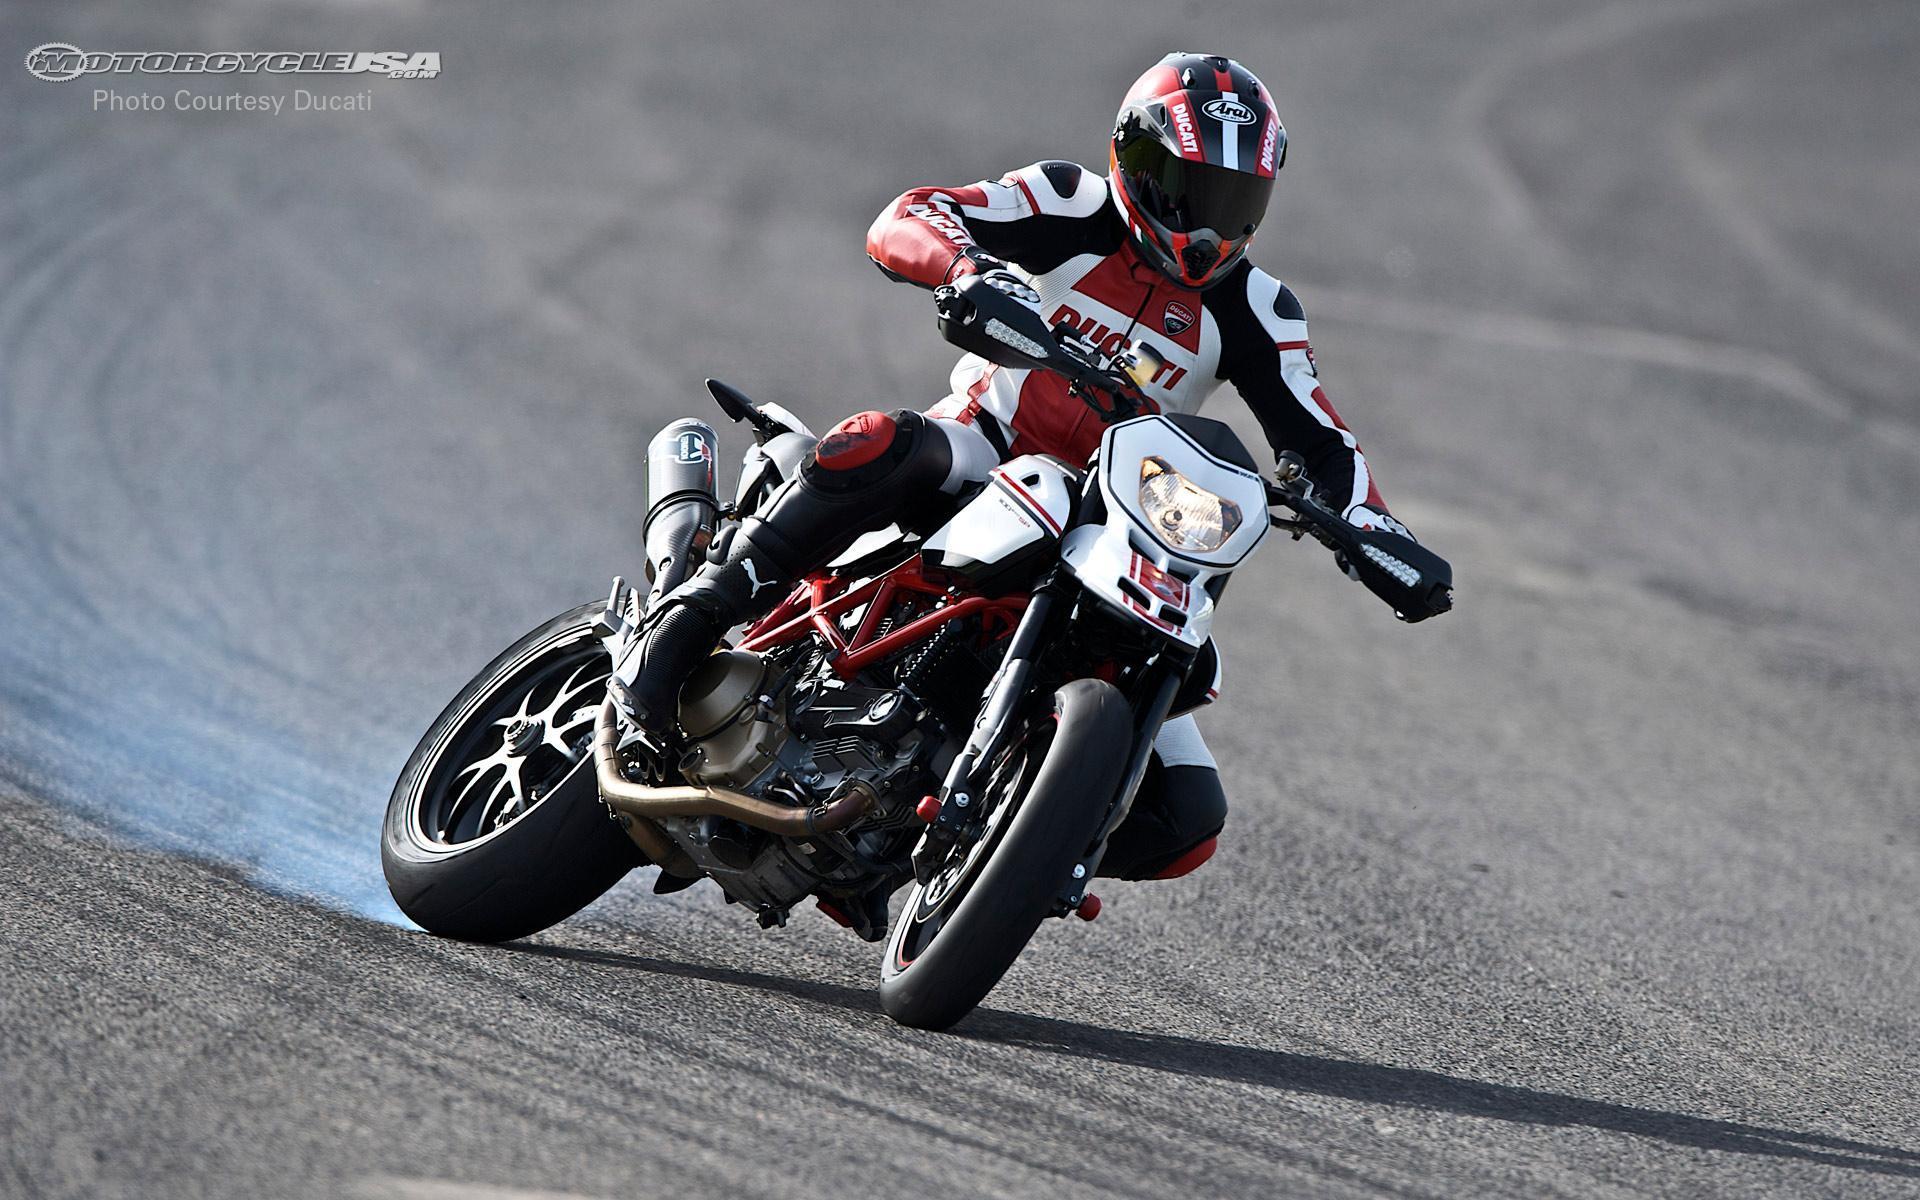 motorcycle wallpaper desktop backgrounds - photo #4